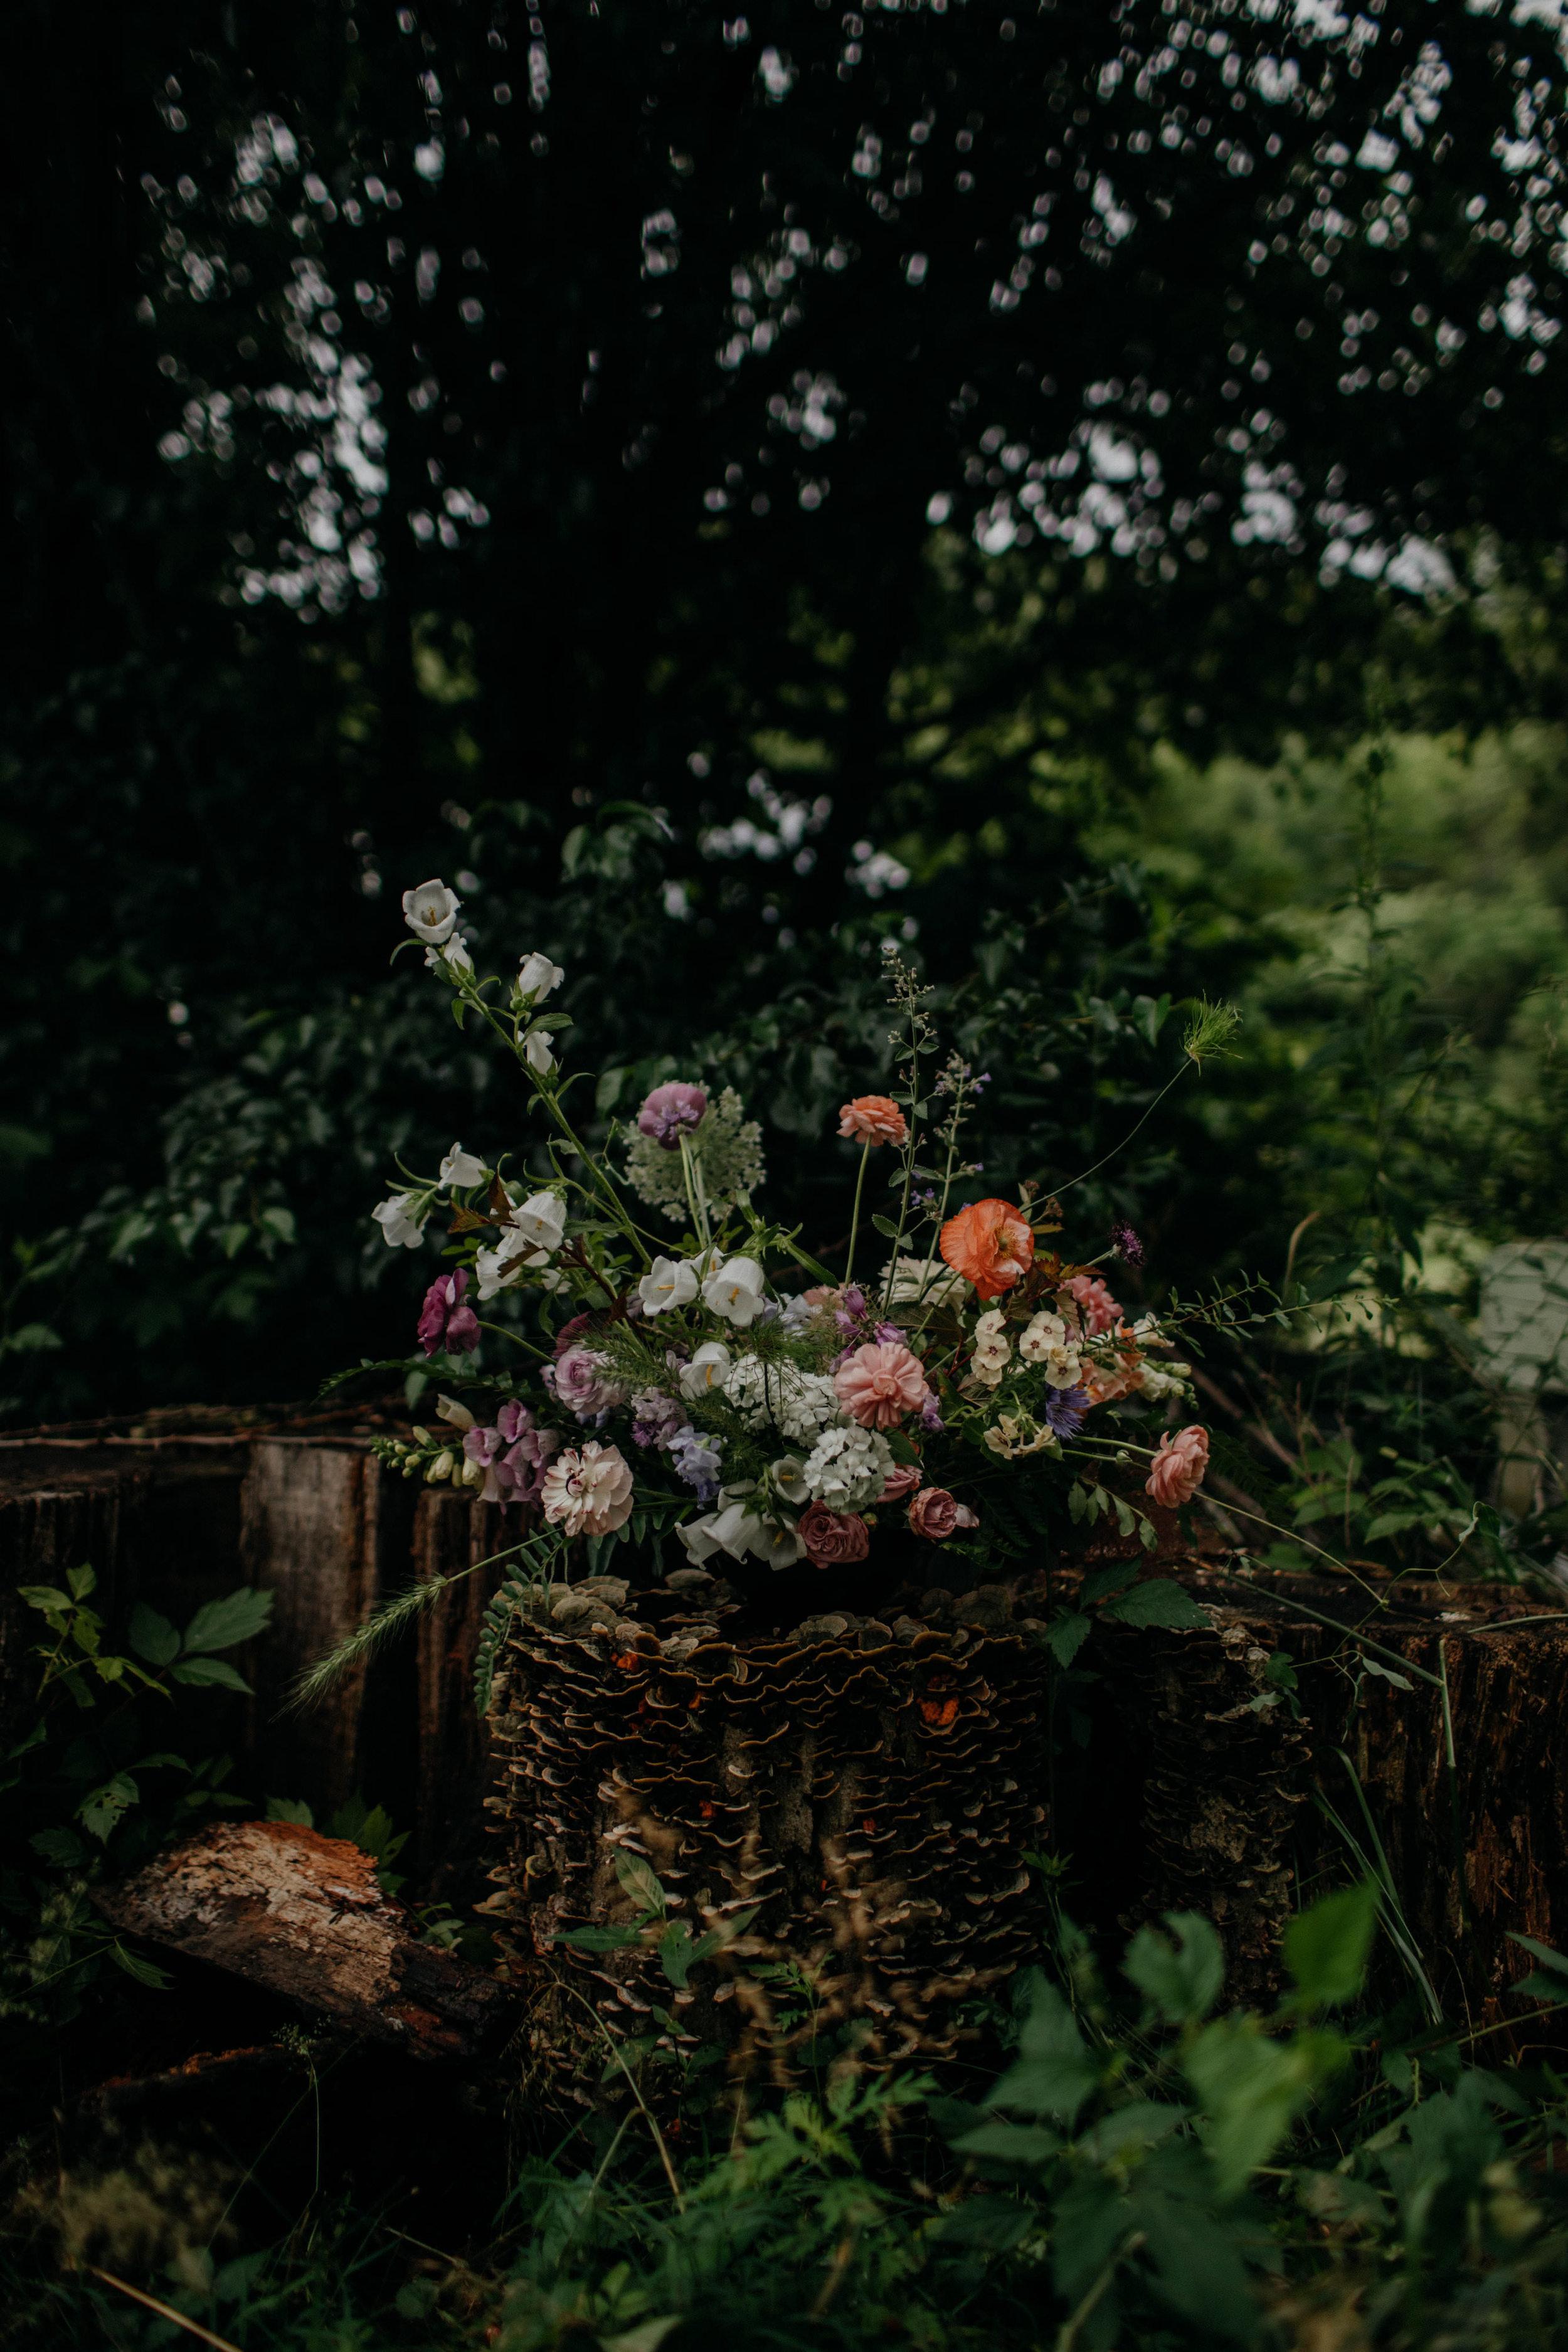 nashville floral workshop nashville tennessee wedding photographer72.jpg